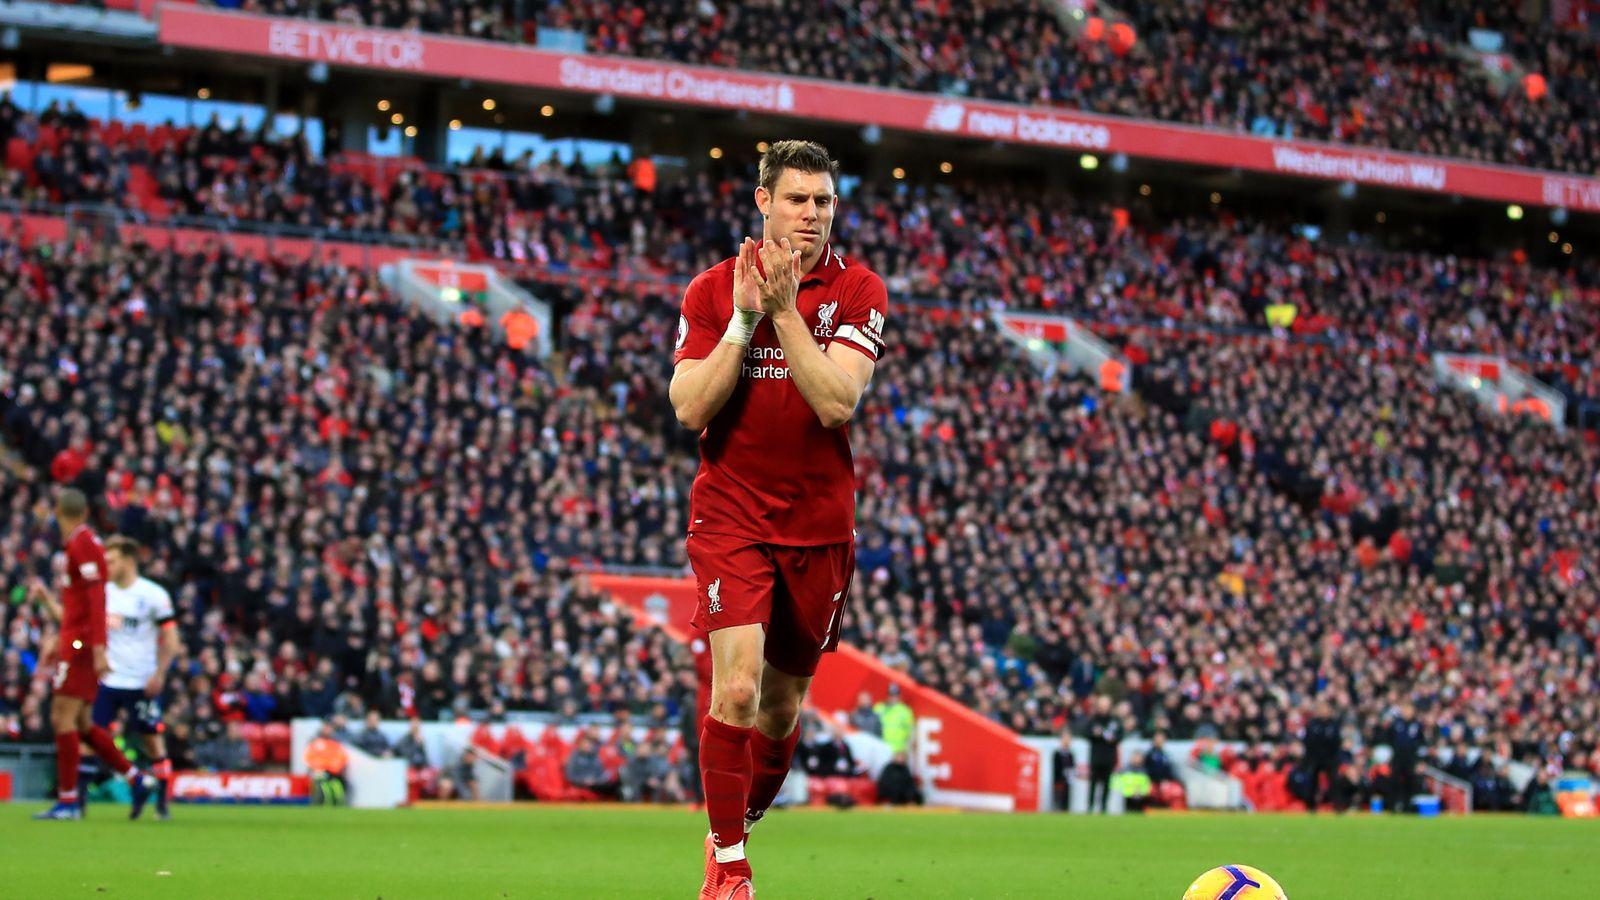 Liverpool Vs Chelsea James Milner On Bench Eden Hazard